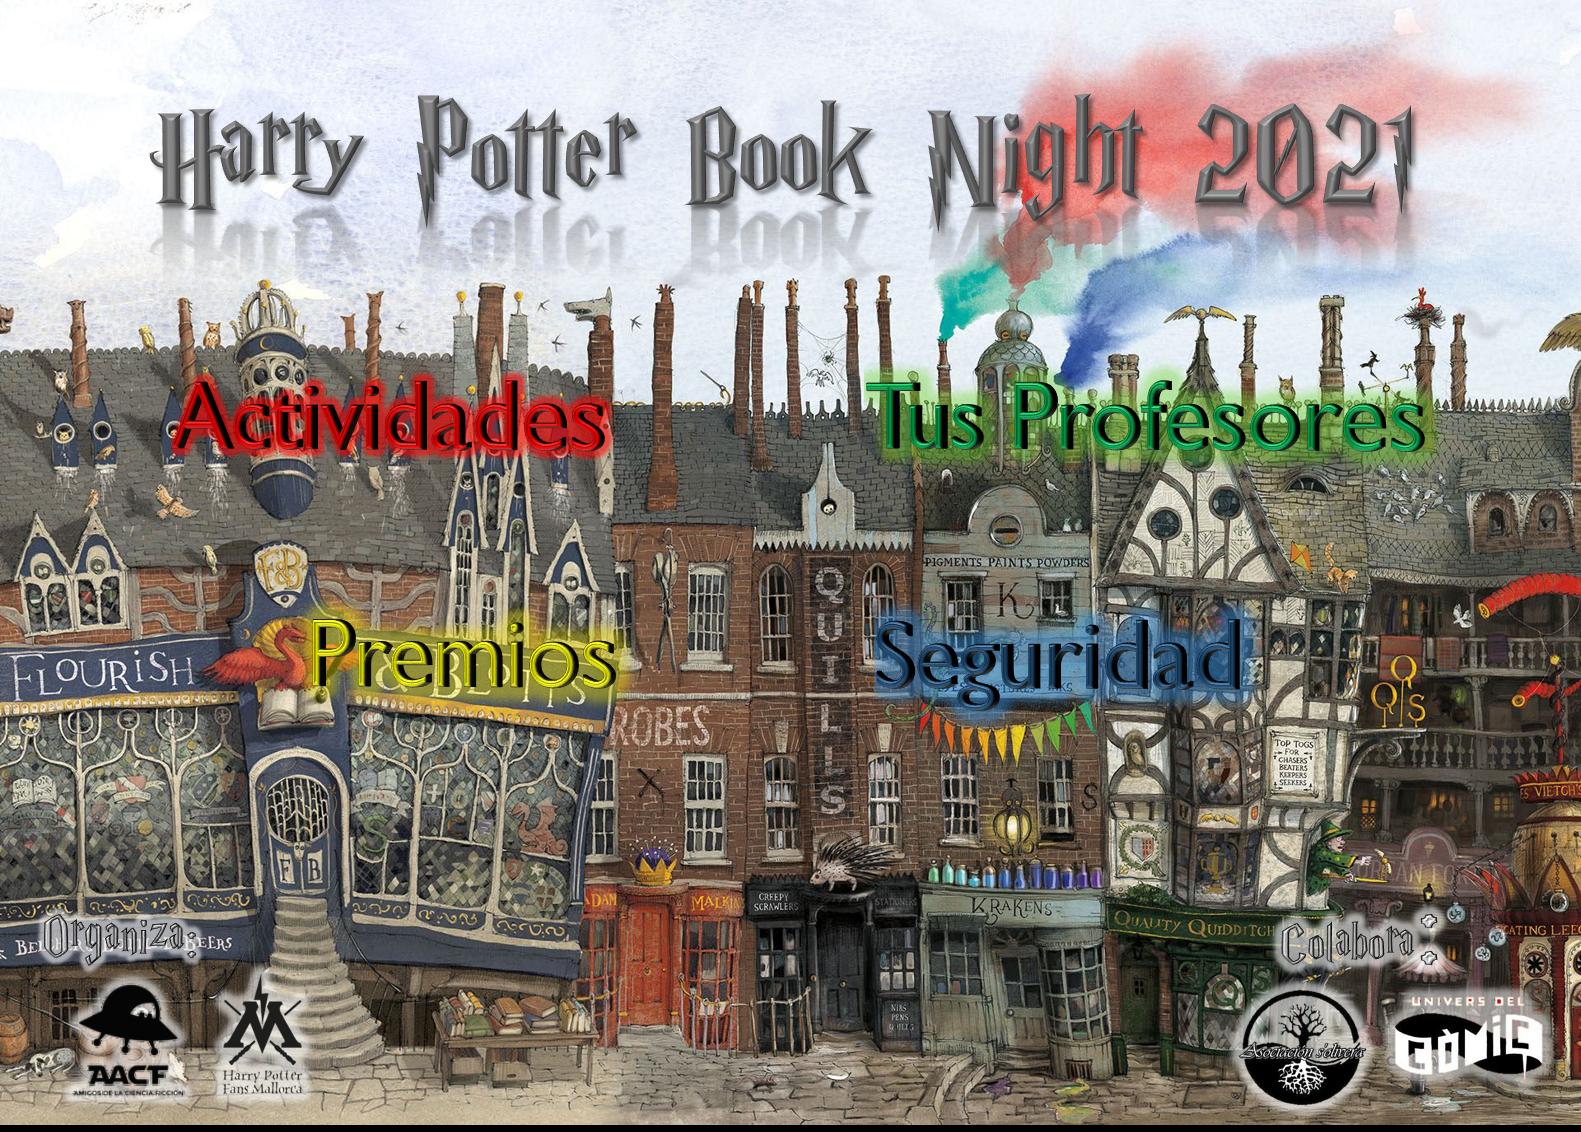 HP BOOK NIGHT 2021